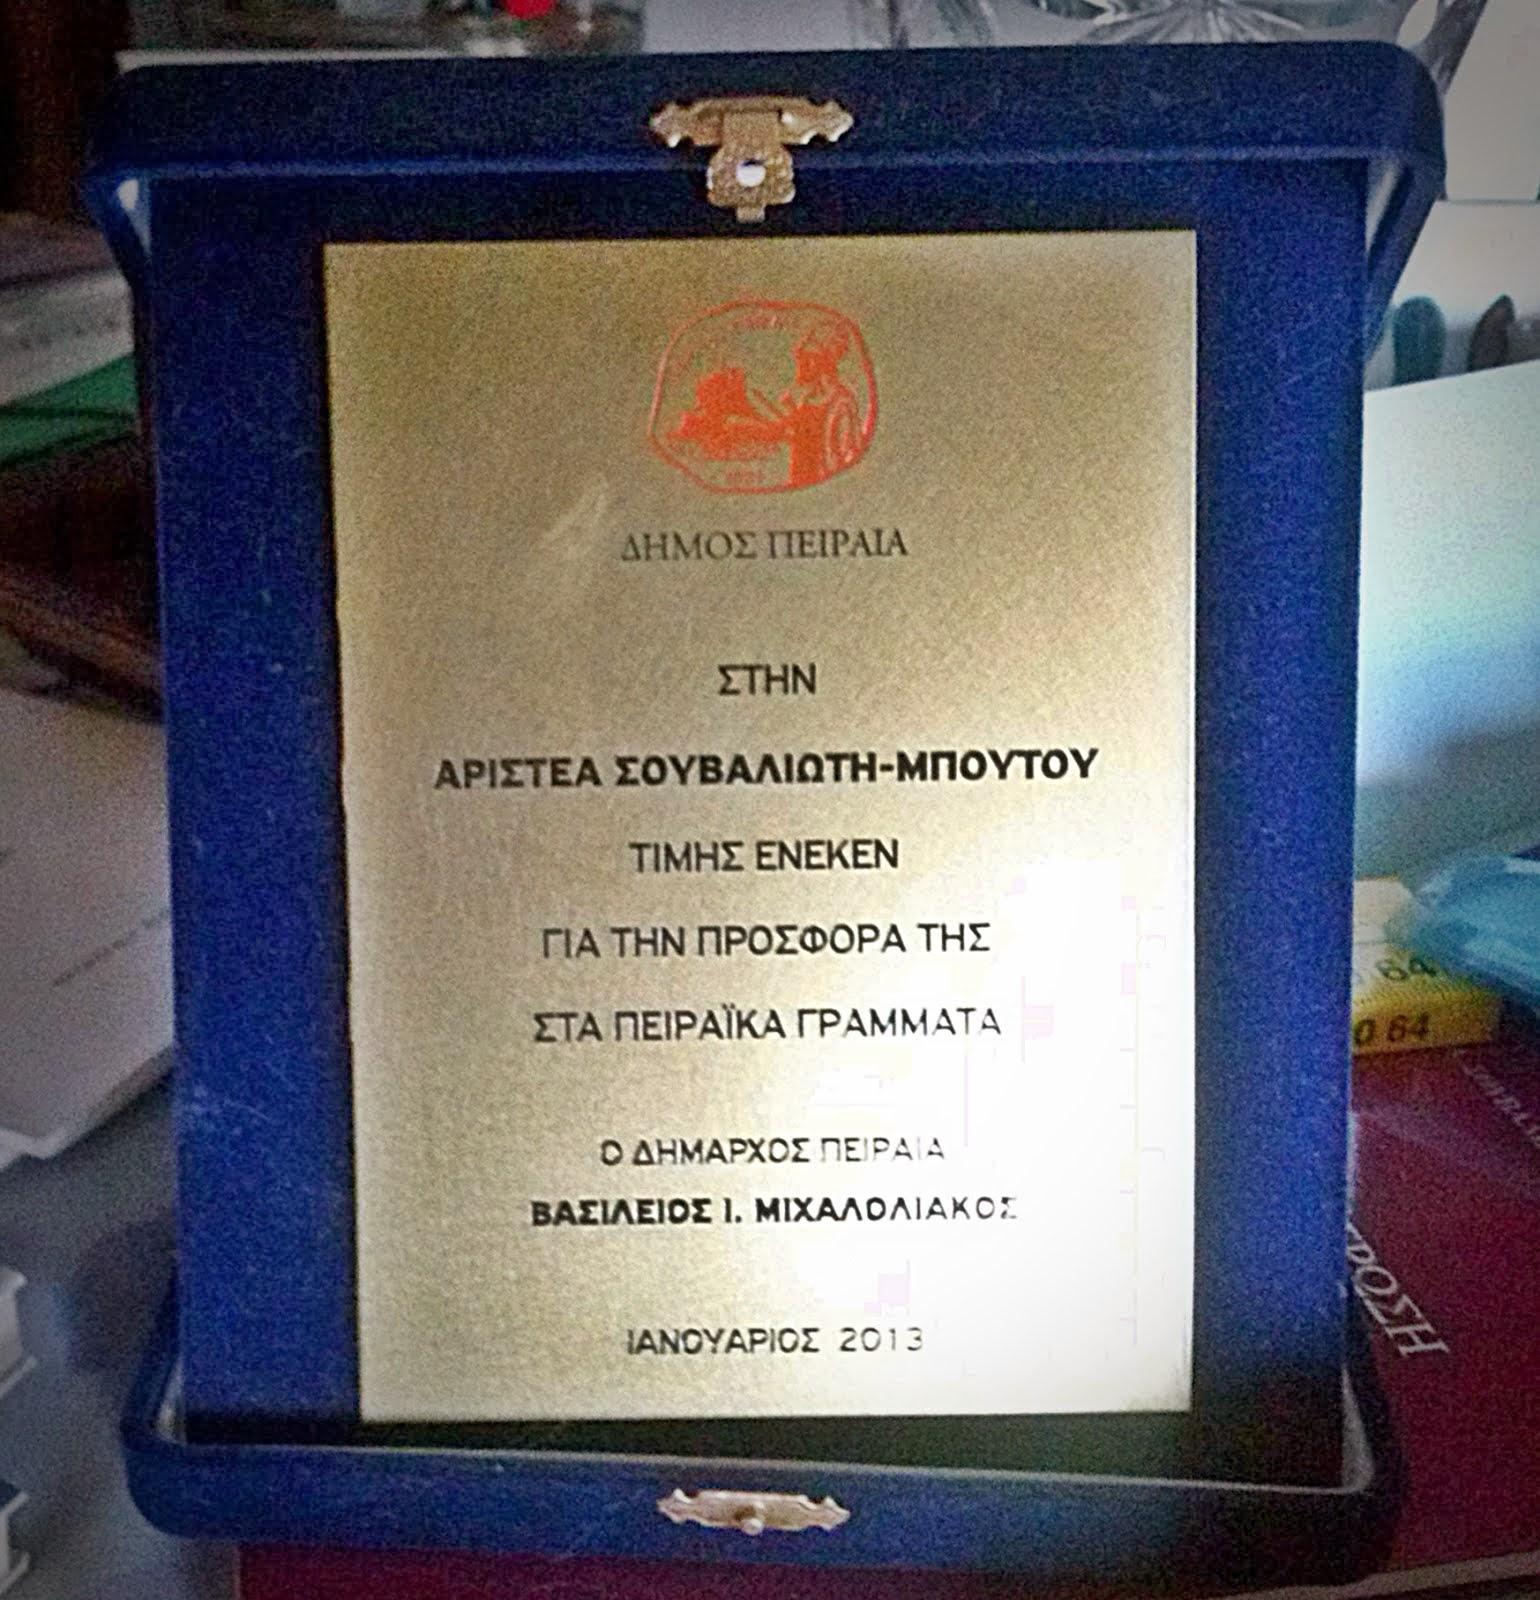 Βράβευση από τον Δήμαρχο Πειραιώς κ. Β. Μιχαλολιάκο